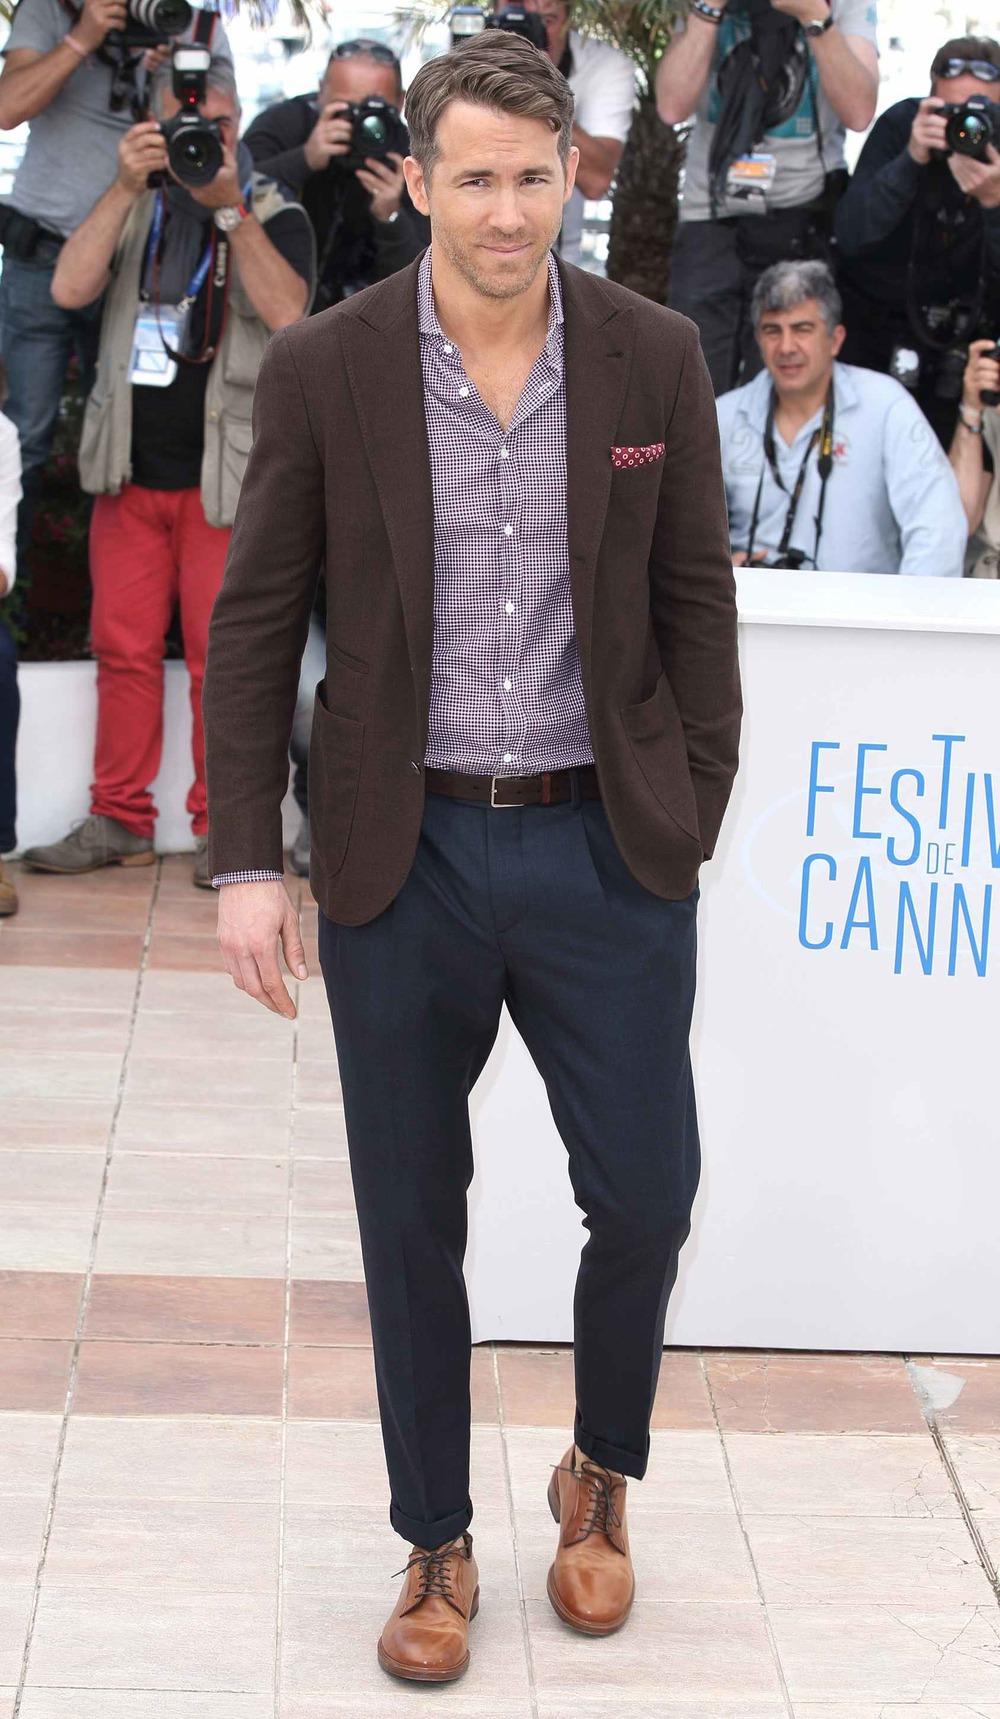 Eleito um dos destaques dessa edição, Ryan Reynolds mostra, cada vez mais, que o nome Ryan a frente, significa 'estilo'. Discreto, bem combinado e com os acessórios ideais, o rapaz foi só aplausos.